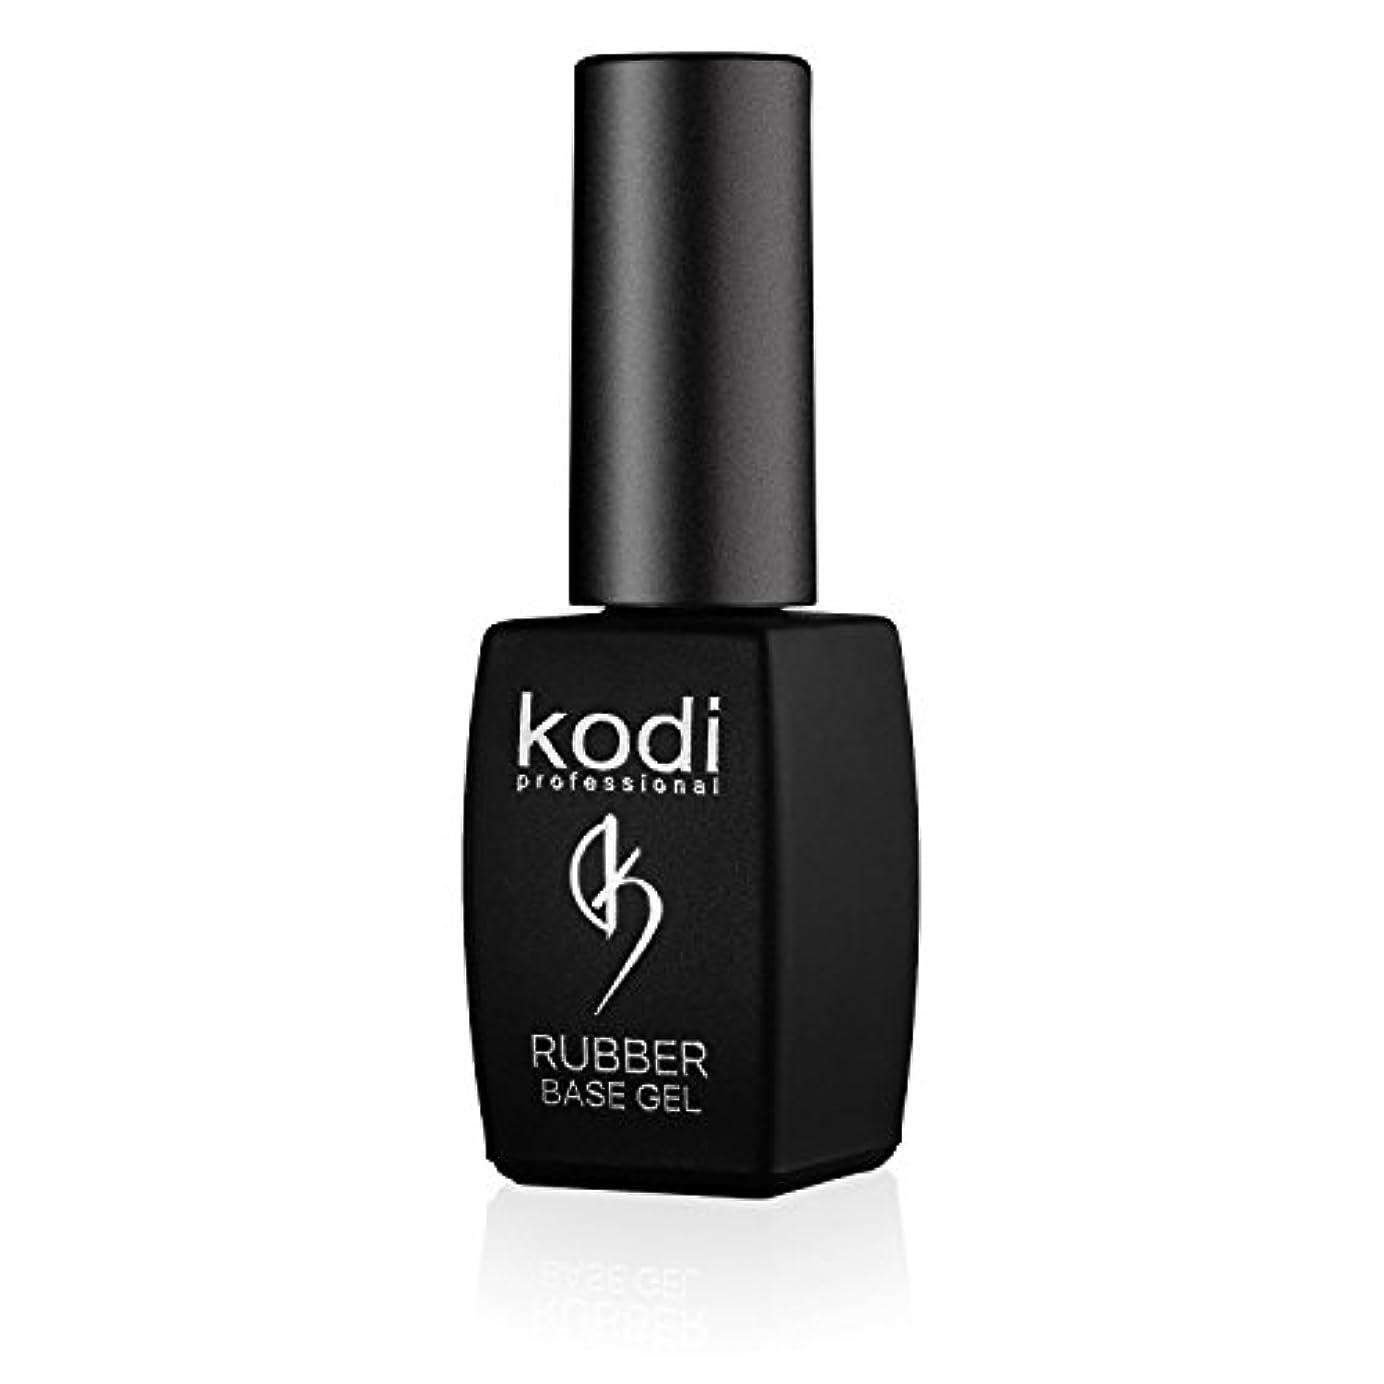 ブレス浅いスラム街Professional Rubber Base Gel By Kodi | 8ml 0.27 oz | Soak Off, Polish Fingernails Coat Gel | For Long Lasting...